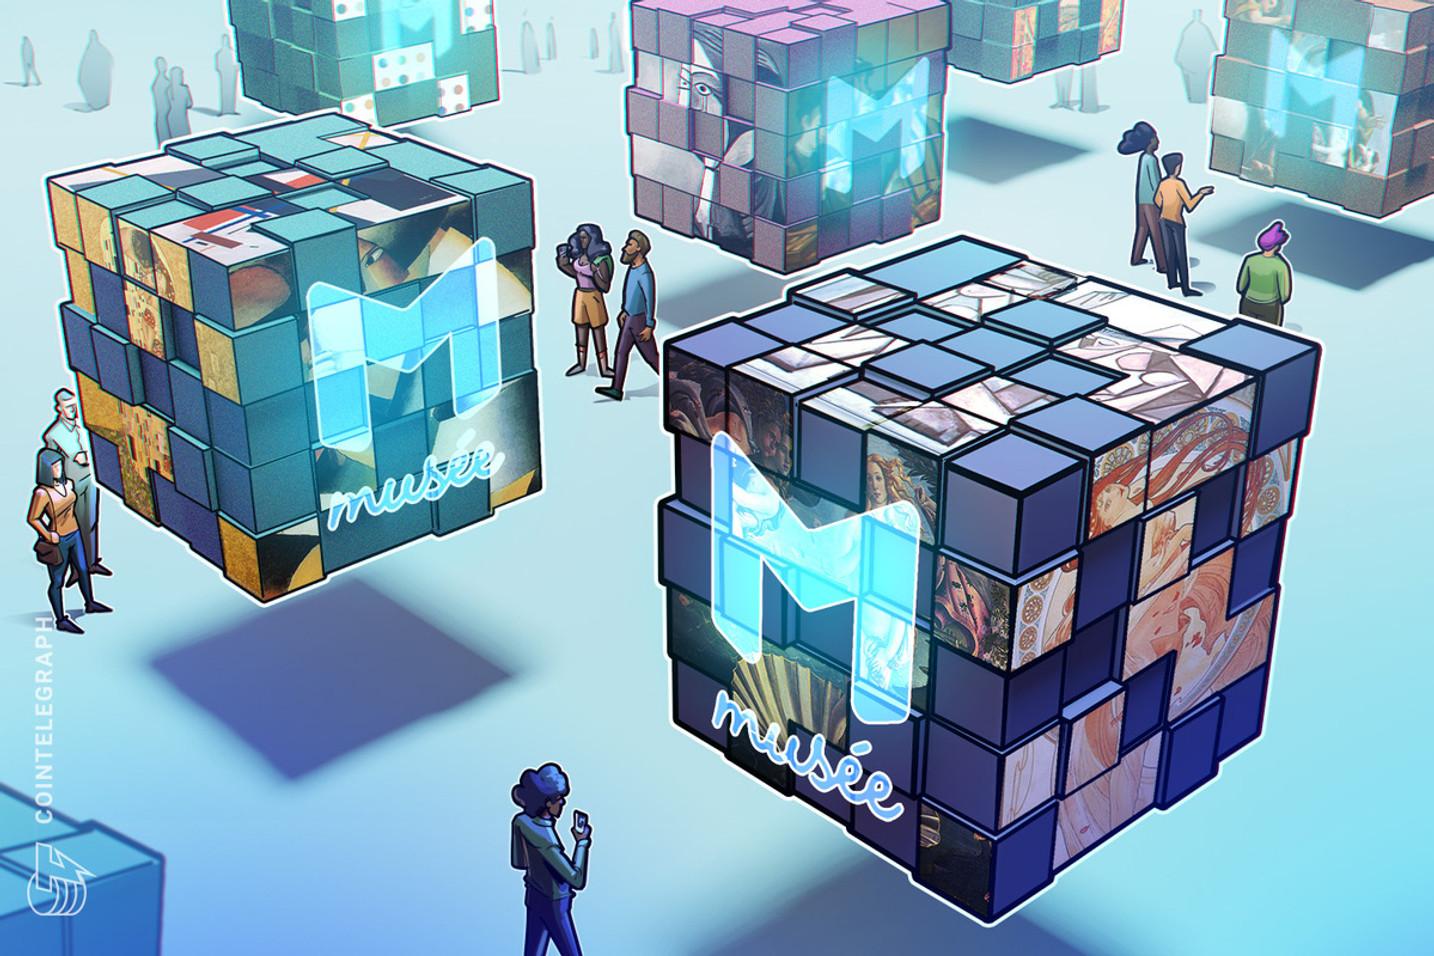 Η εξελιγμένη αγορά και η γκαλερί NFT προσφέρει ψηφιακά ακίνητα για δημιουργούς και συλλέκτες